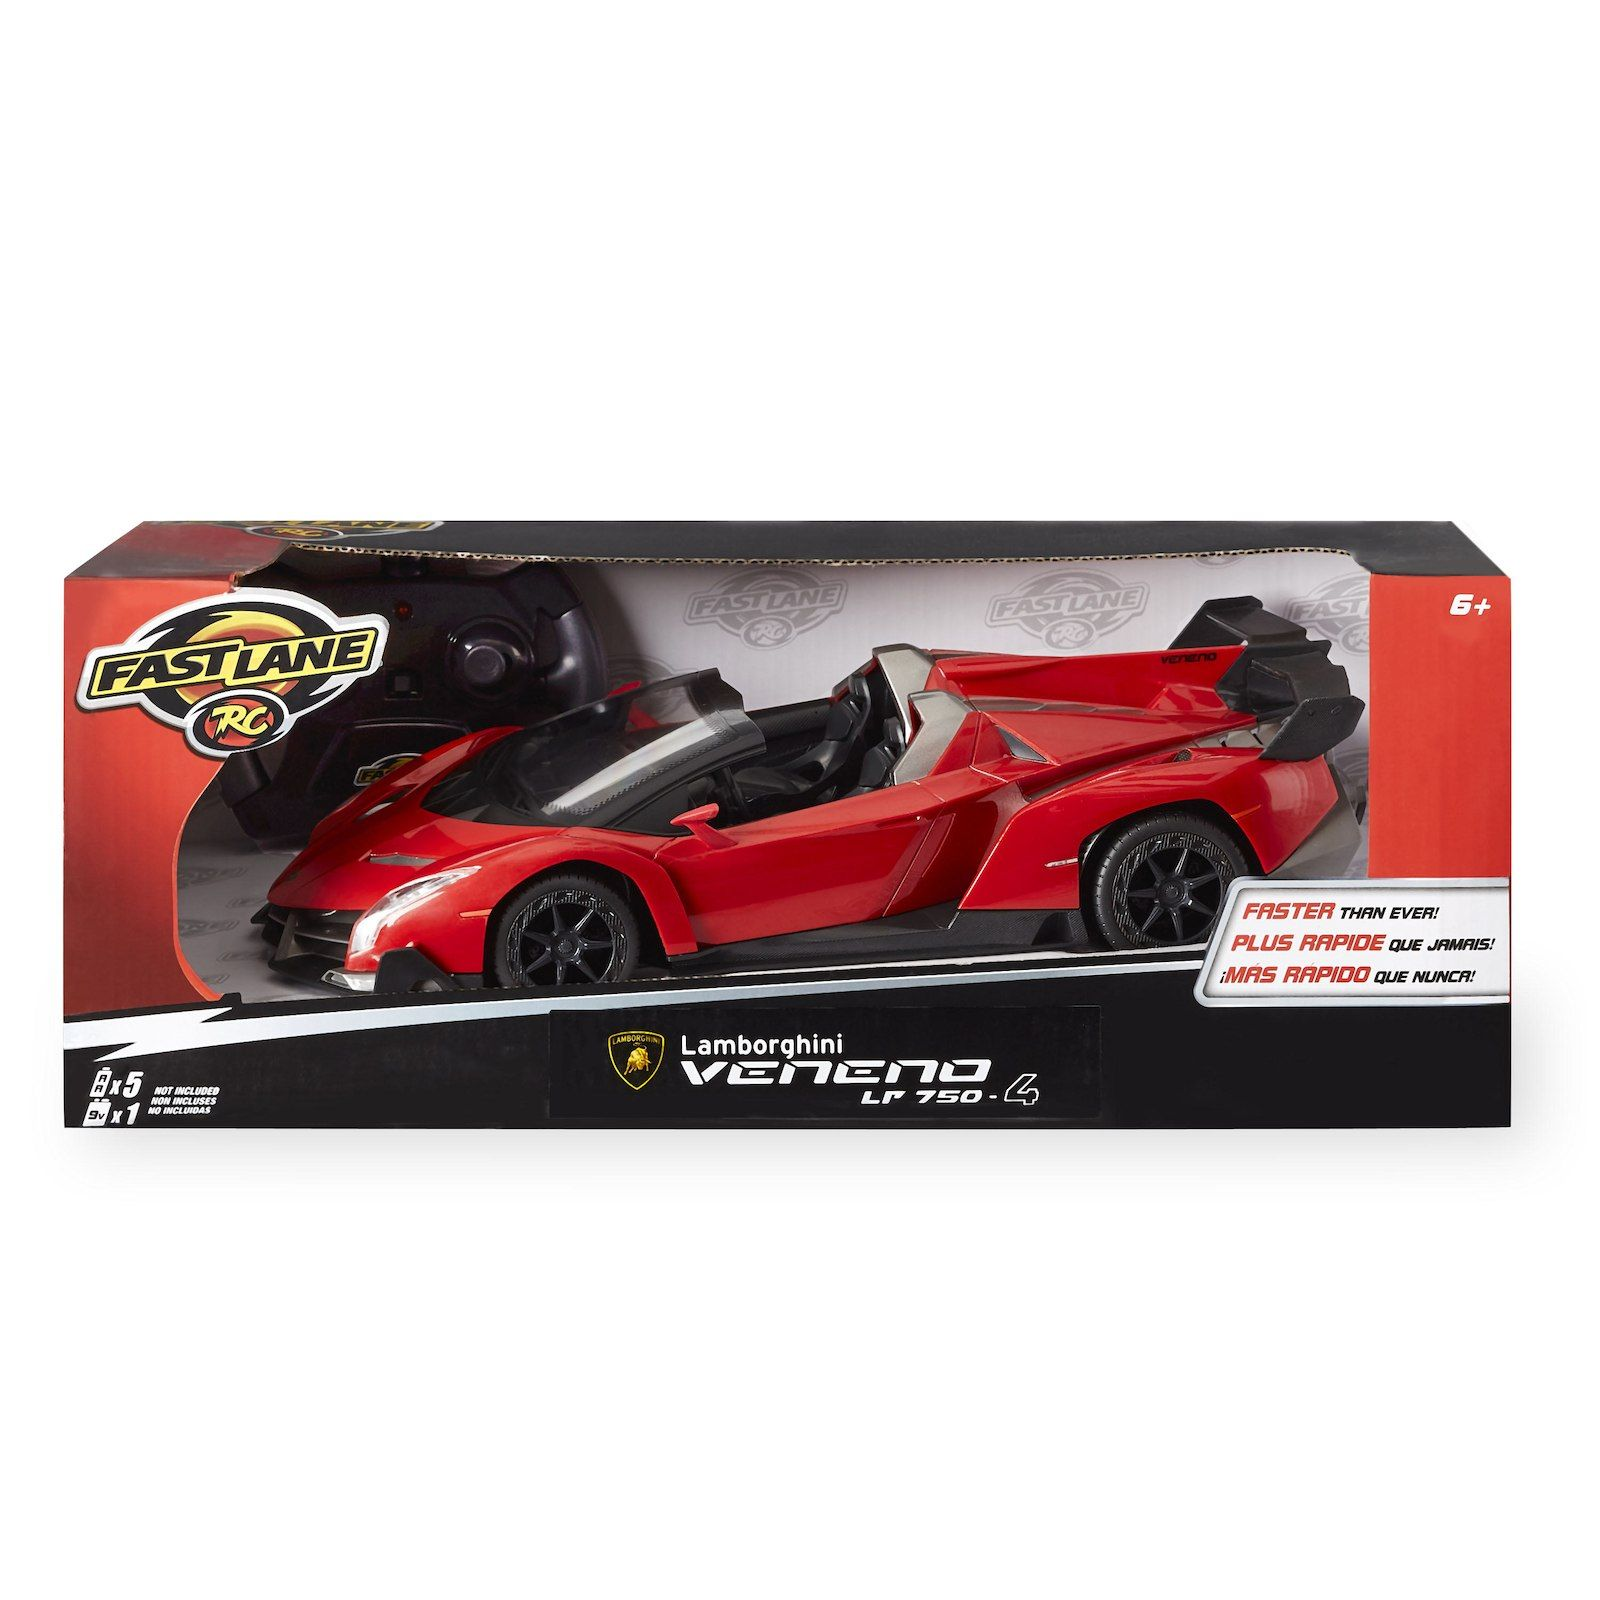 Fast Lane 1 16 Scale Remote Control Car Lamborghini Veneno Lp 750 4 Red Remote Control Cars Lamborghini Veneno Toys